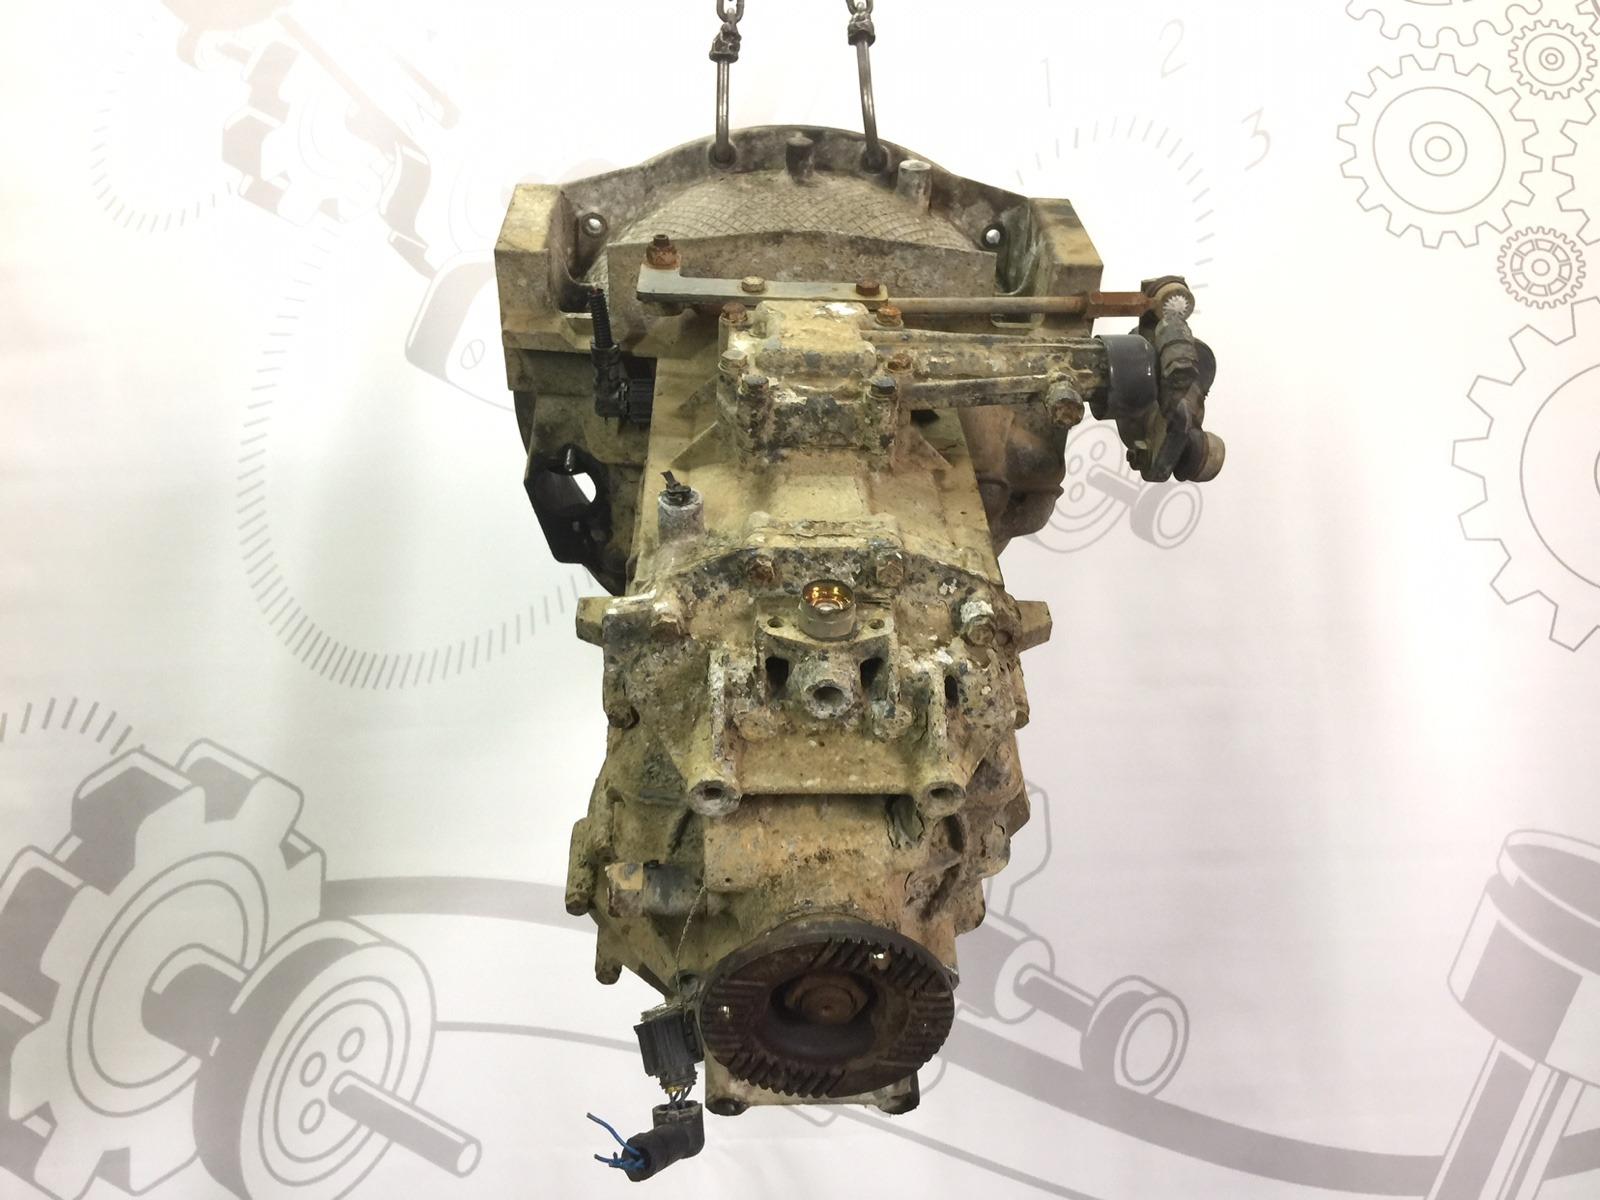 Кпп механическая (мкпп) Daf Lf 3.9 TD 2006 (б/у)